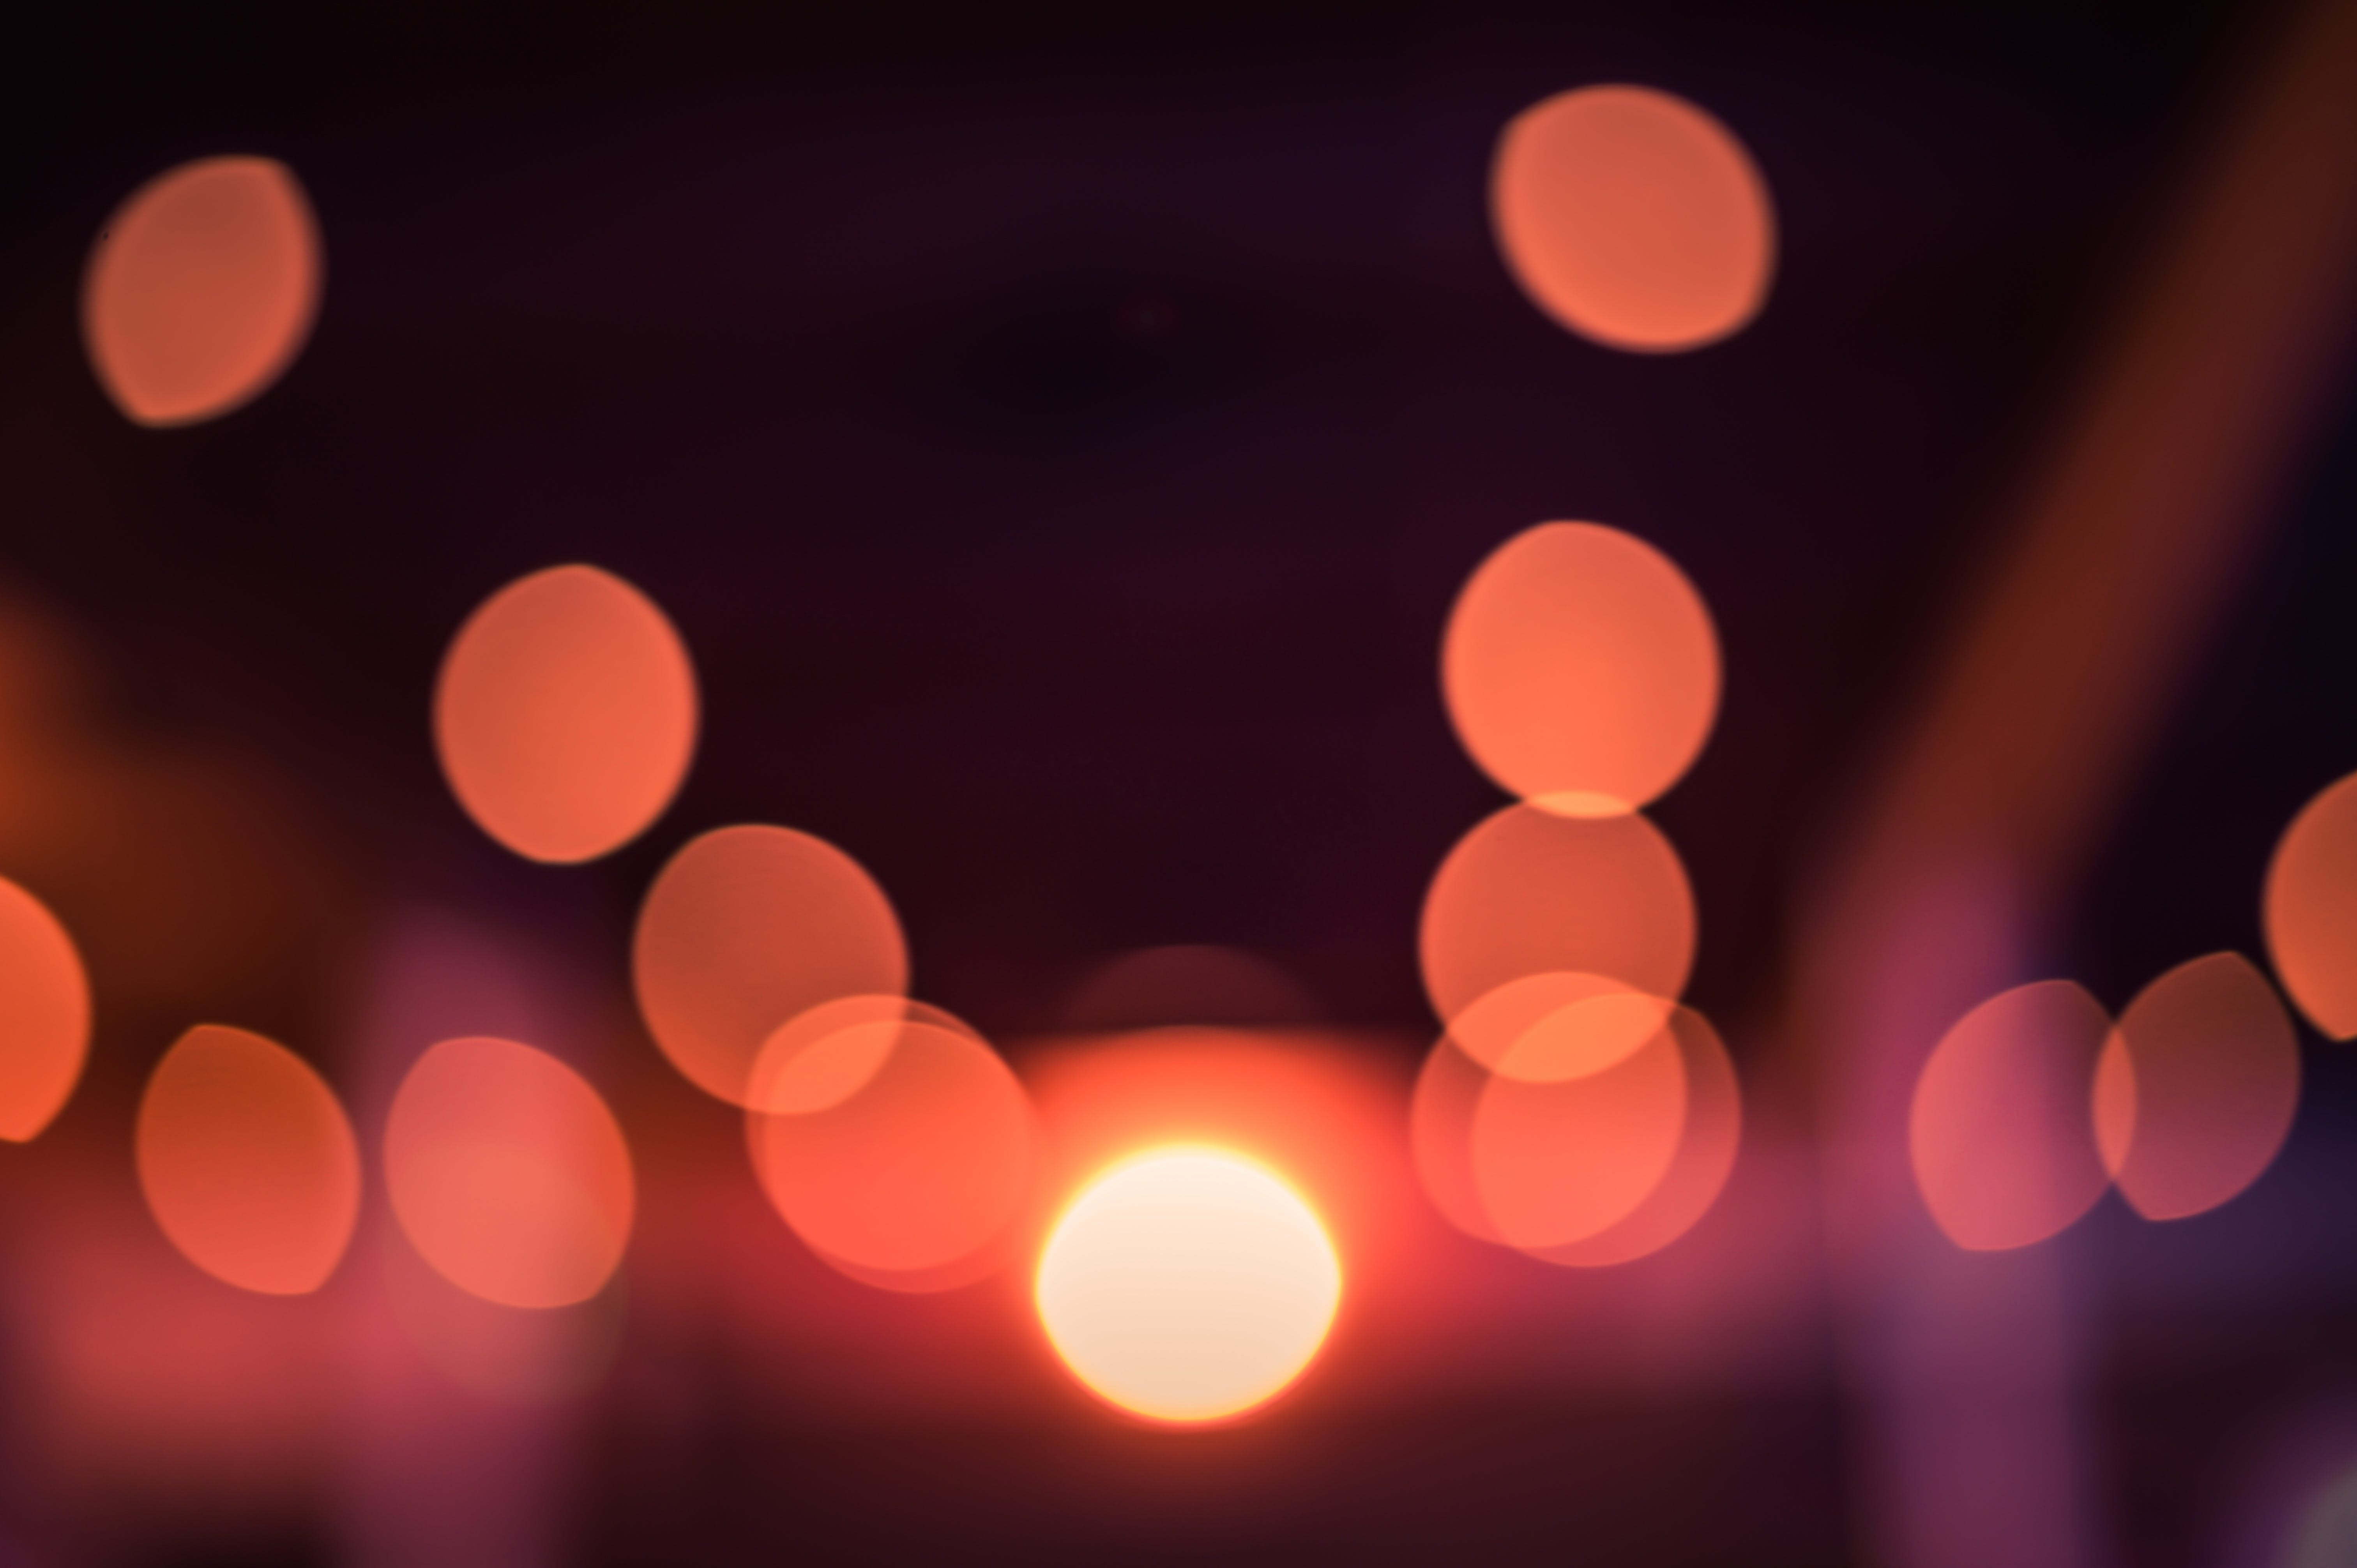 aydınlatılmış, belli belirsiz, bit, bulanıklık içeren Ücretsiz stok fotoğraf